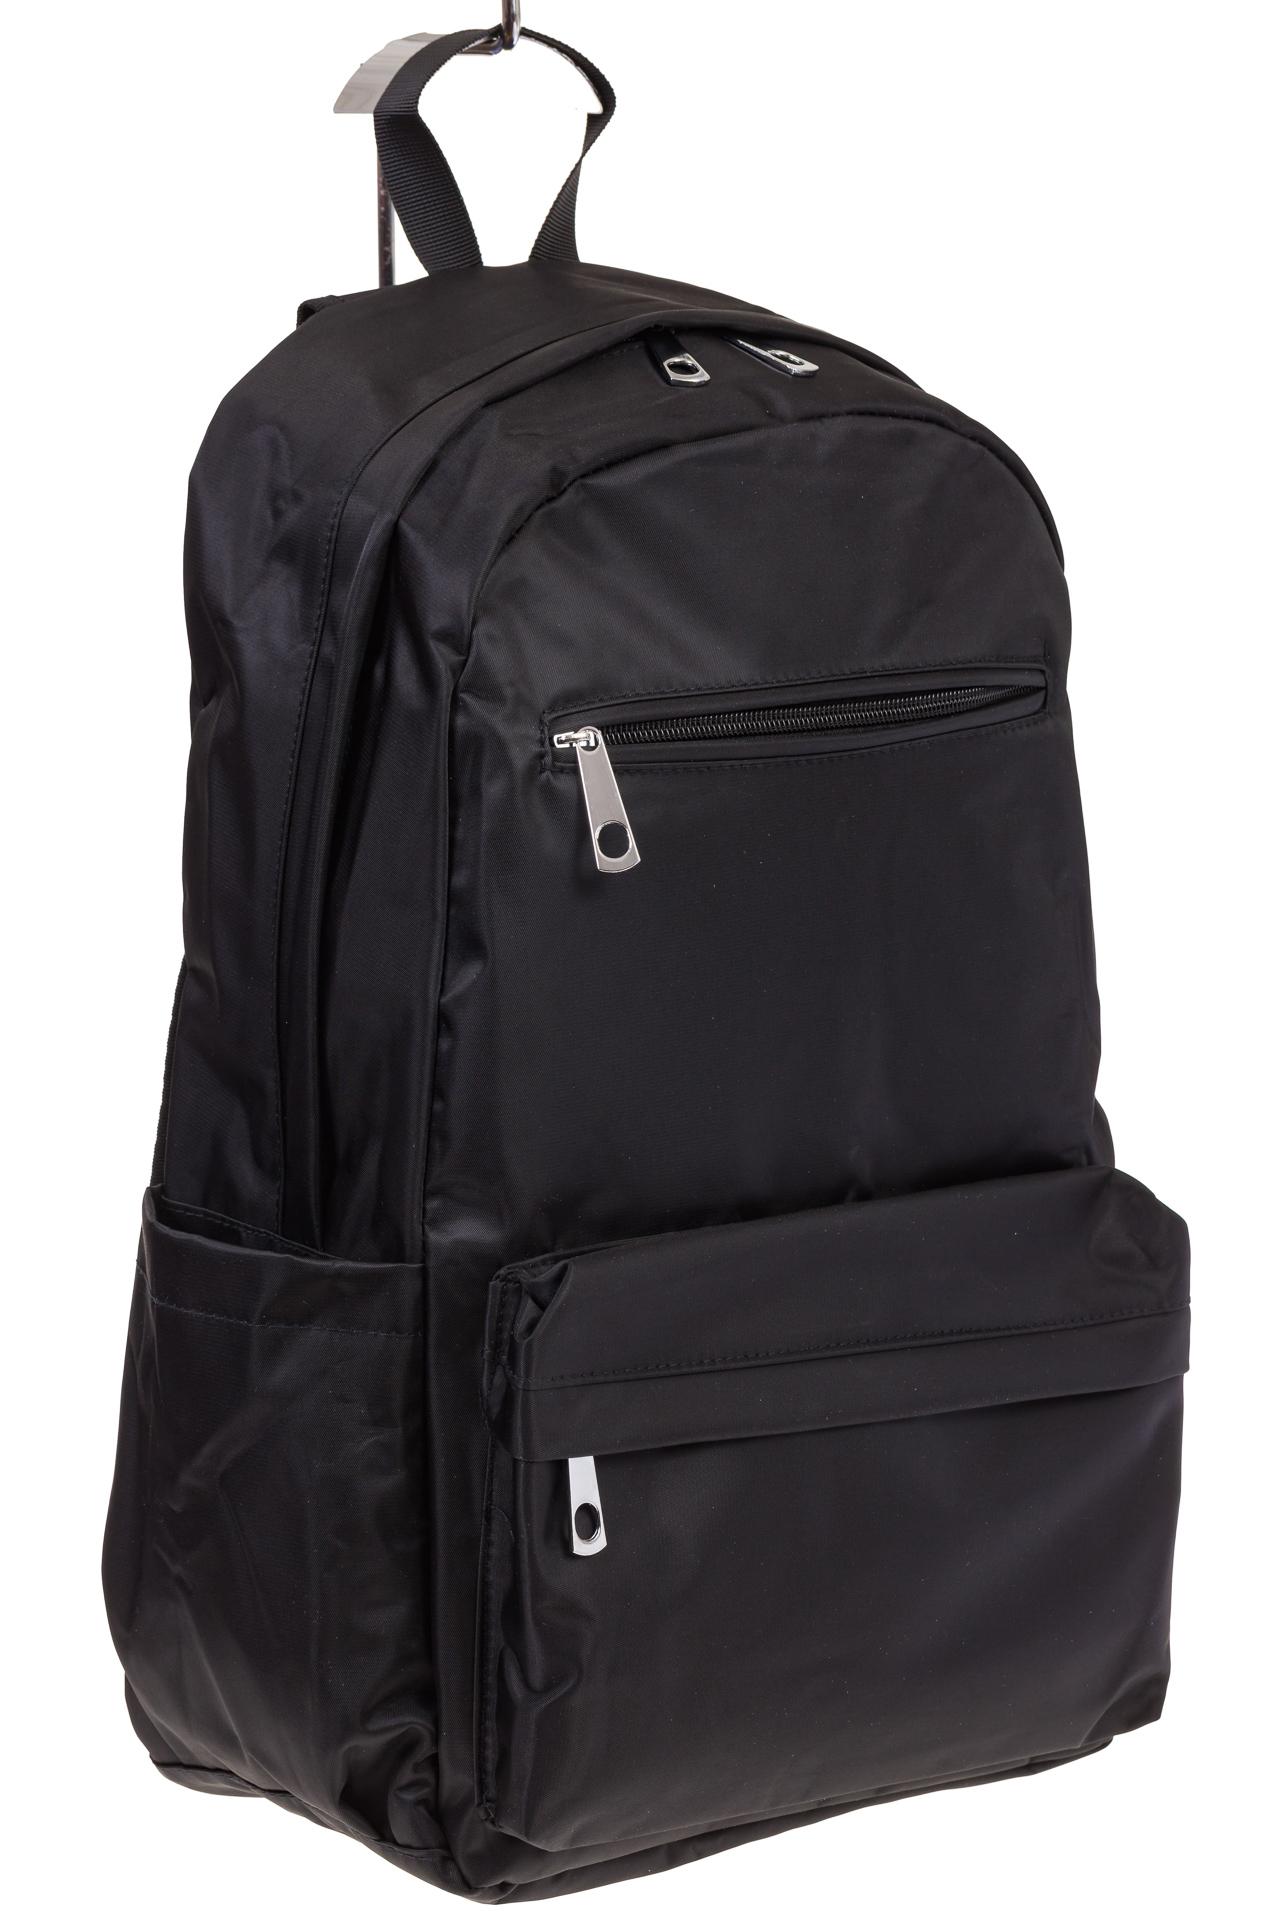 На фото вертикальный рюкзак, цвет – черный, материал – текстиль, купить оптом в магазине Грета